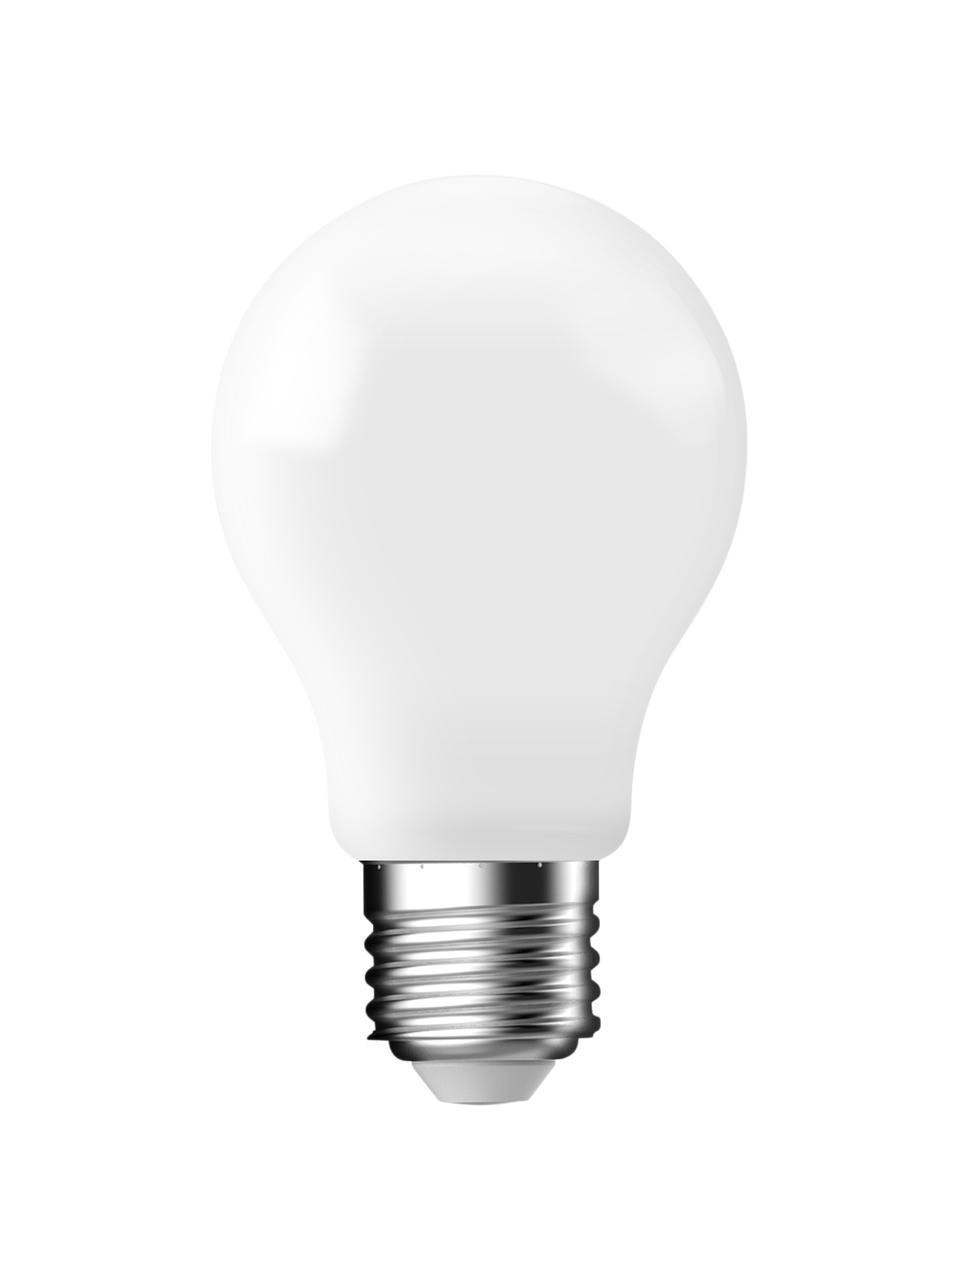 E27 Leuchtmittel, 470lm, warmweiß, 6 Stück, Leuchtmittelschirm: Glas, Leuchtmittelfassung: Aluminium, Weiß, Ø 6 x H 10 cm